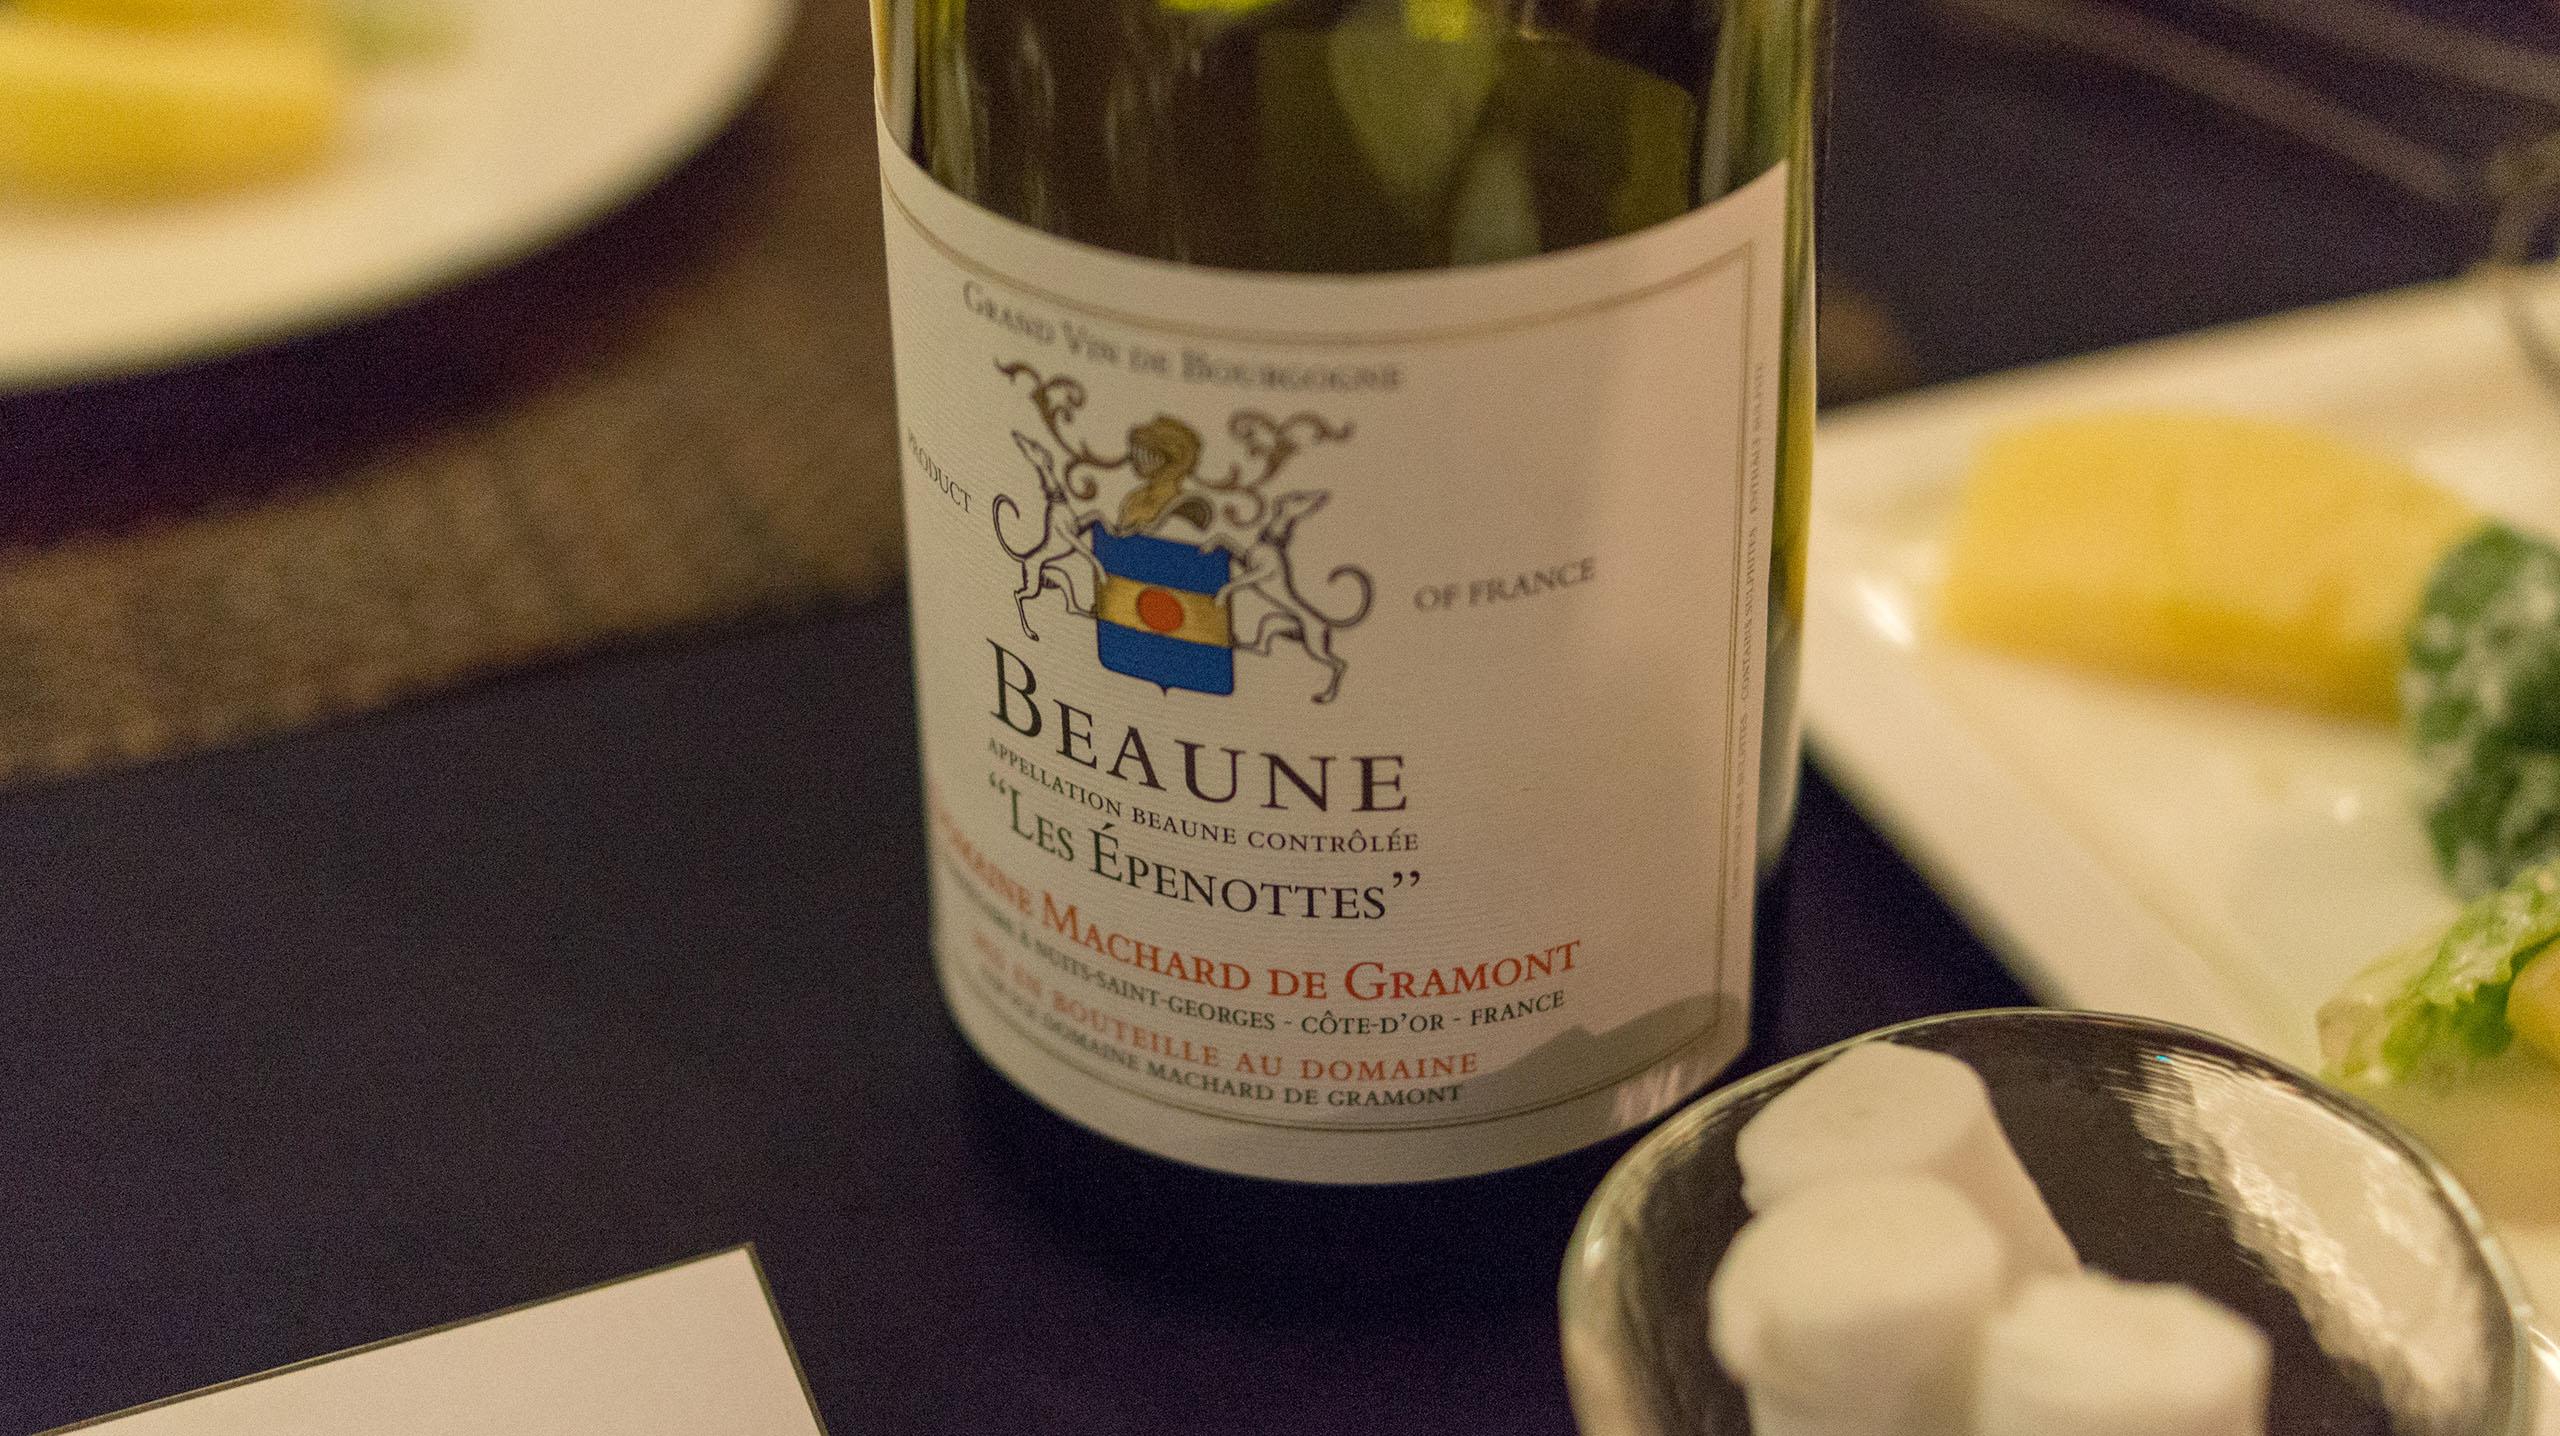 Domaine Machard de Gramont, Beaune Les Epenottes 2001